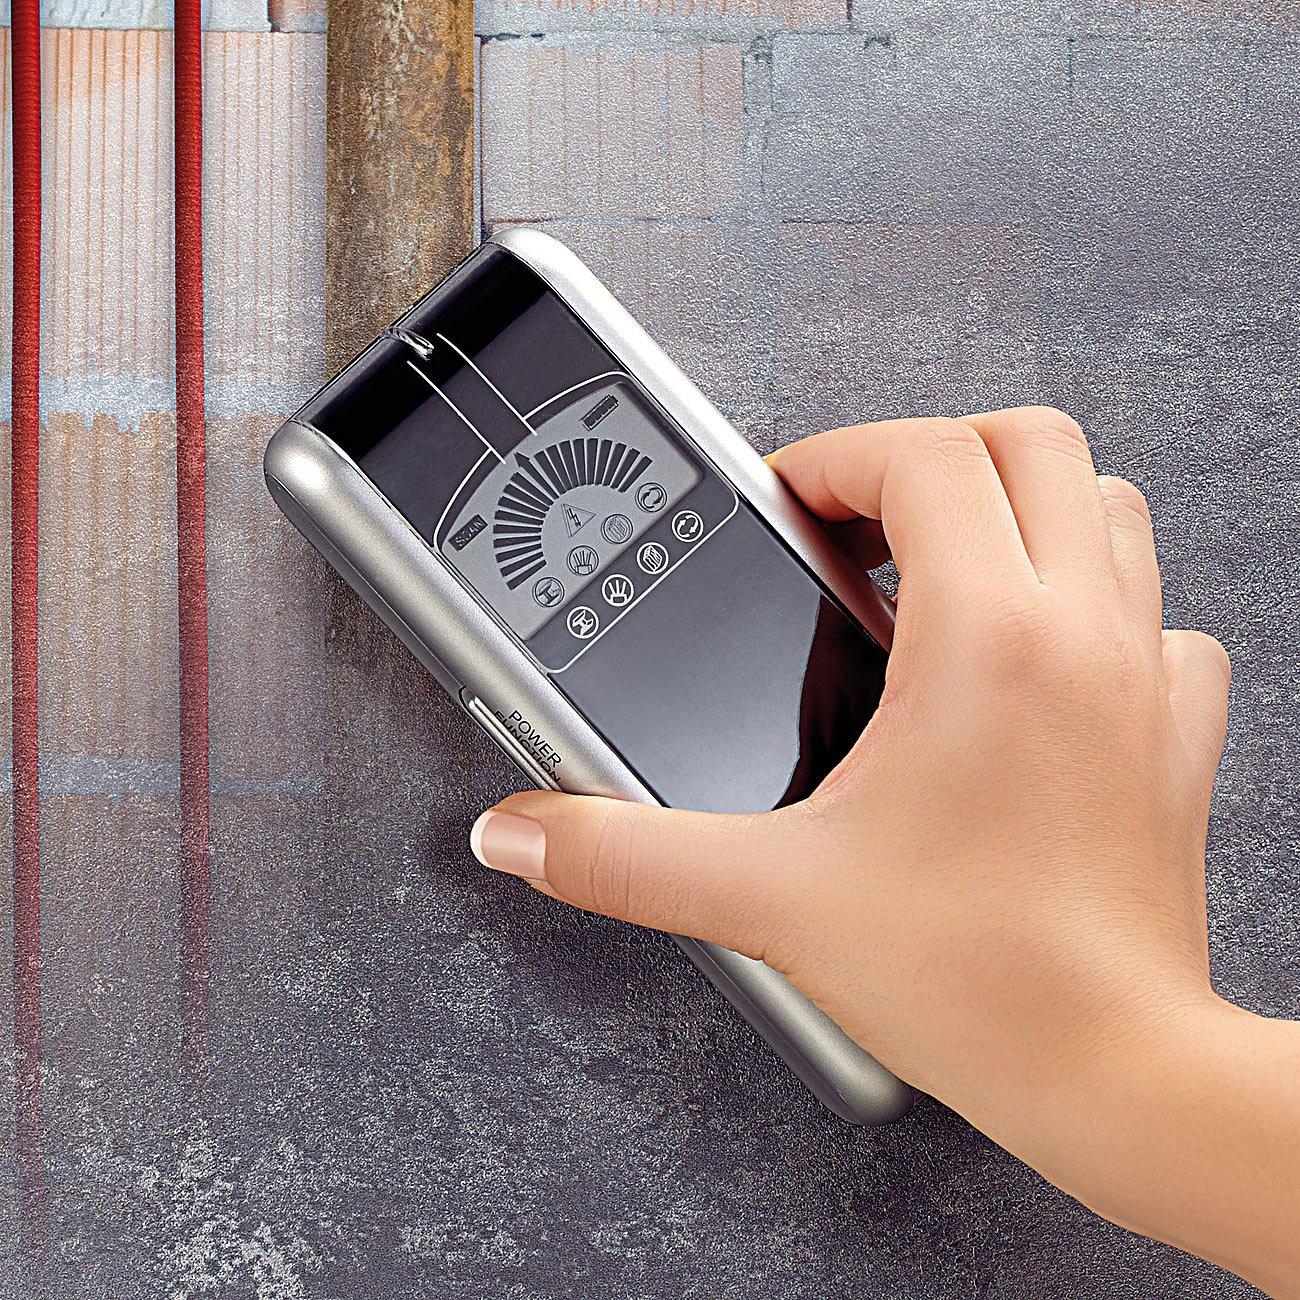 AGT - Detector 3 en 1 (detecta metales, electricidad y madera): Amazon.es: Industria, empresas y ciencia